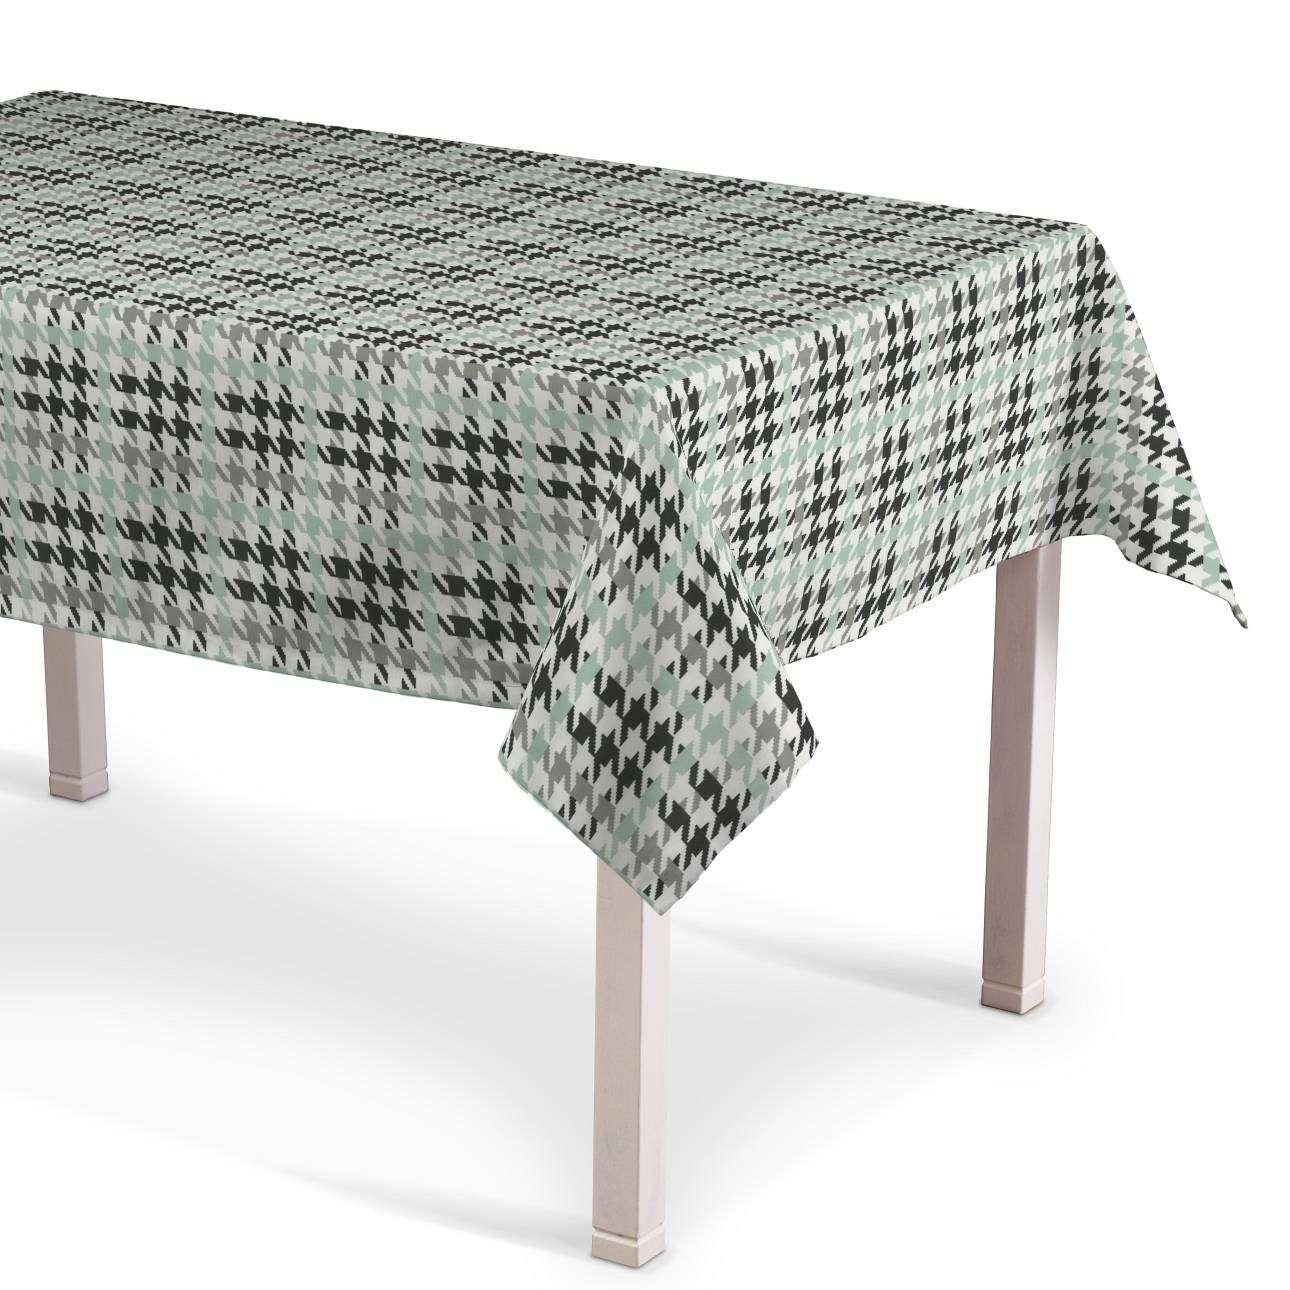 Obrus na stôl obdĺžnikový V kolekcii Brooklyn, tkanina: 137-77